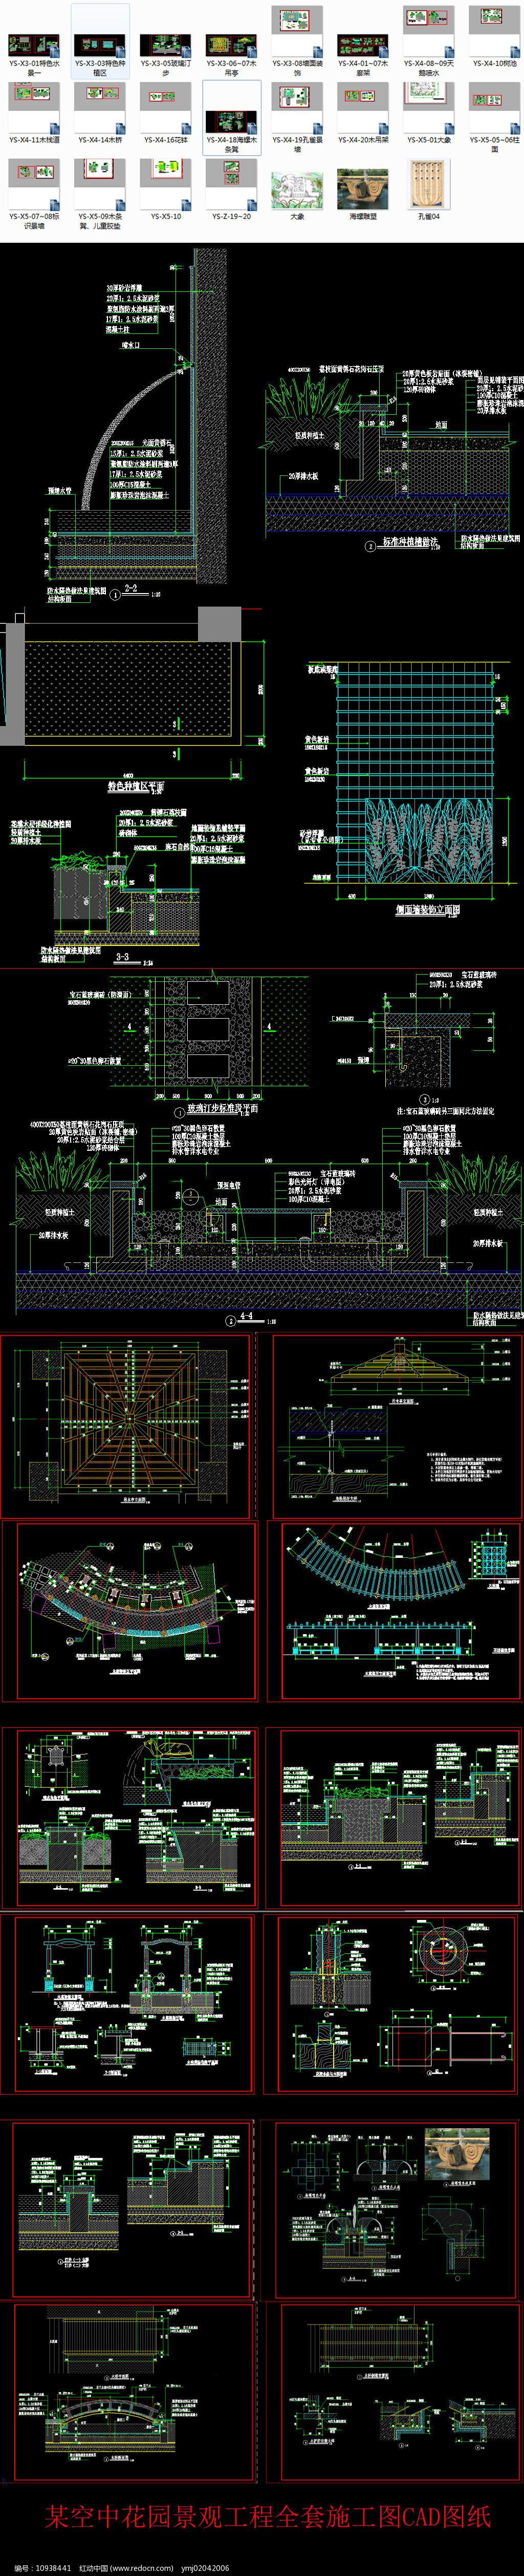 某空中花园景观工程全套施工图CAD图纸图片